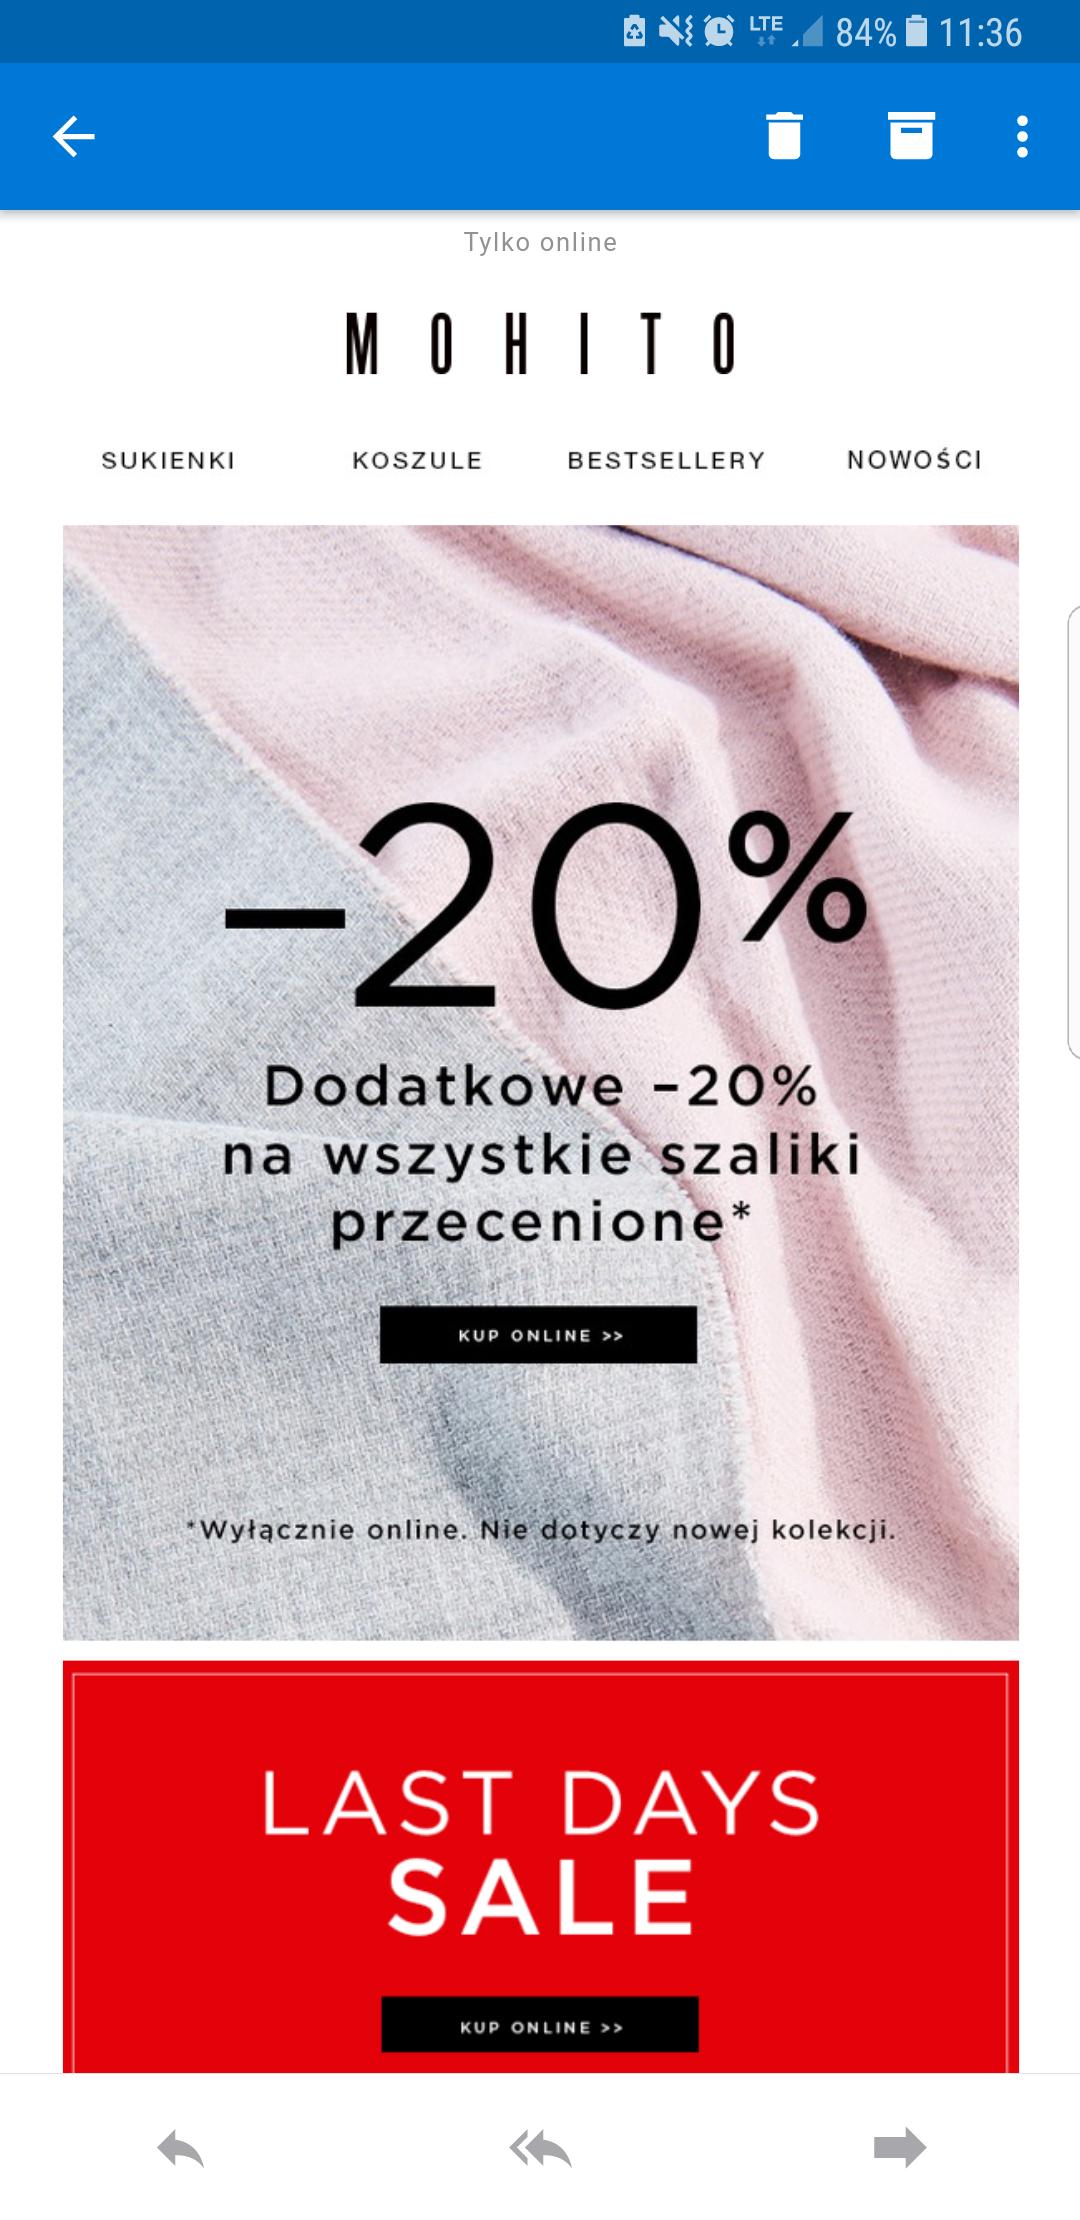 Dodatkowe 20% na przecenione szaliki- Mohito Online